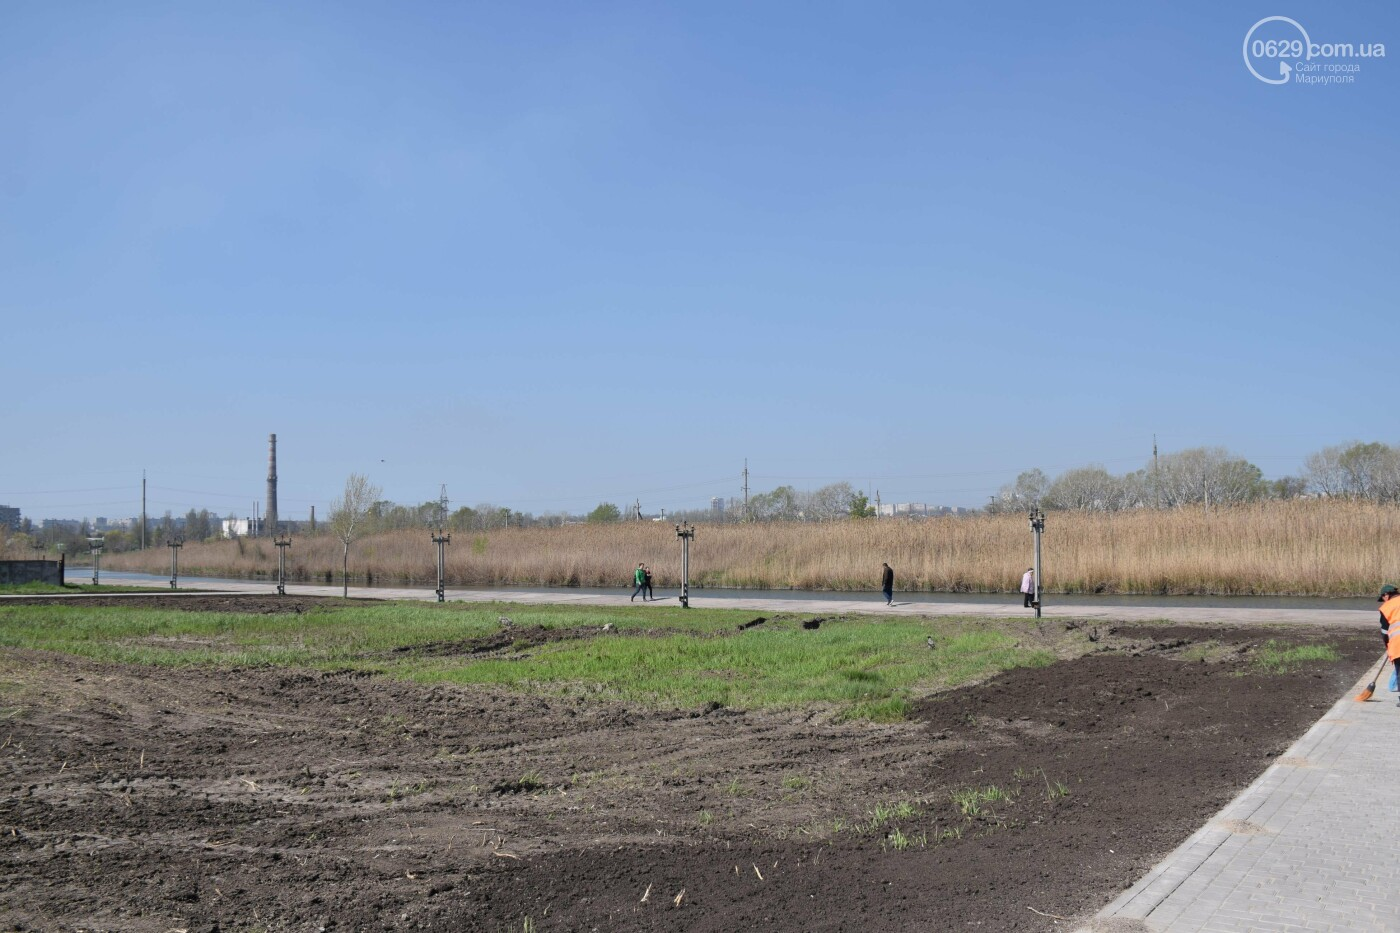 Барбекю на солнцепеке! Сколько стоит отдых в парке Гурова, - ФОТОРЕПОРТАЖ, фото-7